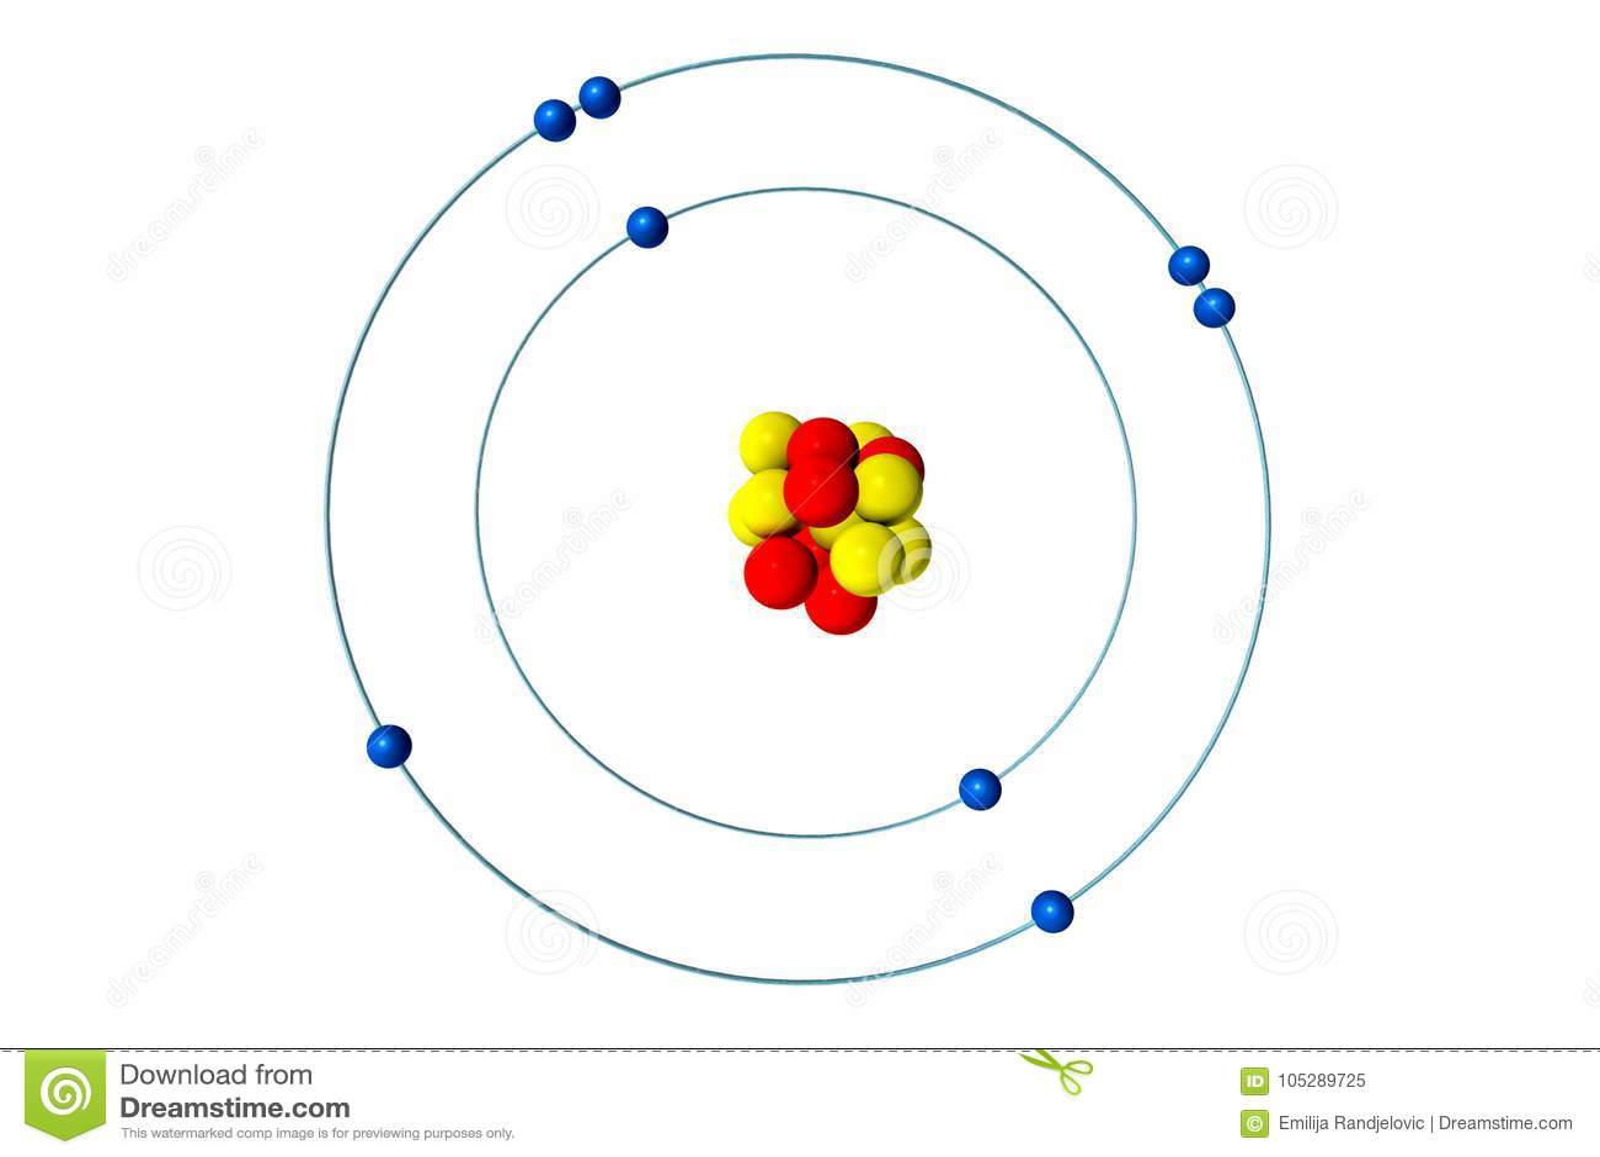 Oxygen Atom With Proton  Neutron And Electron  3d Bohr